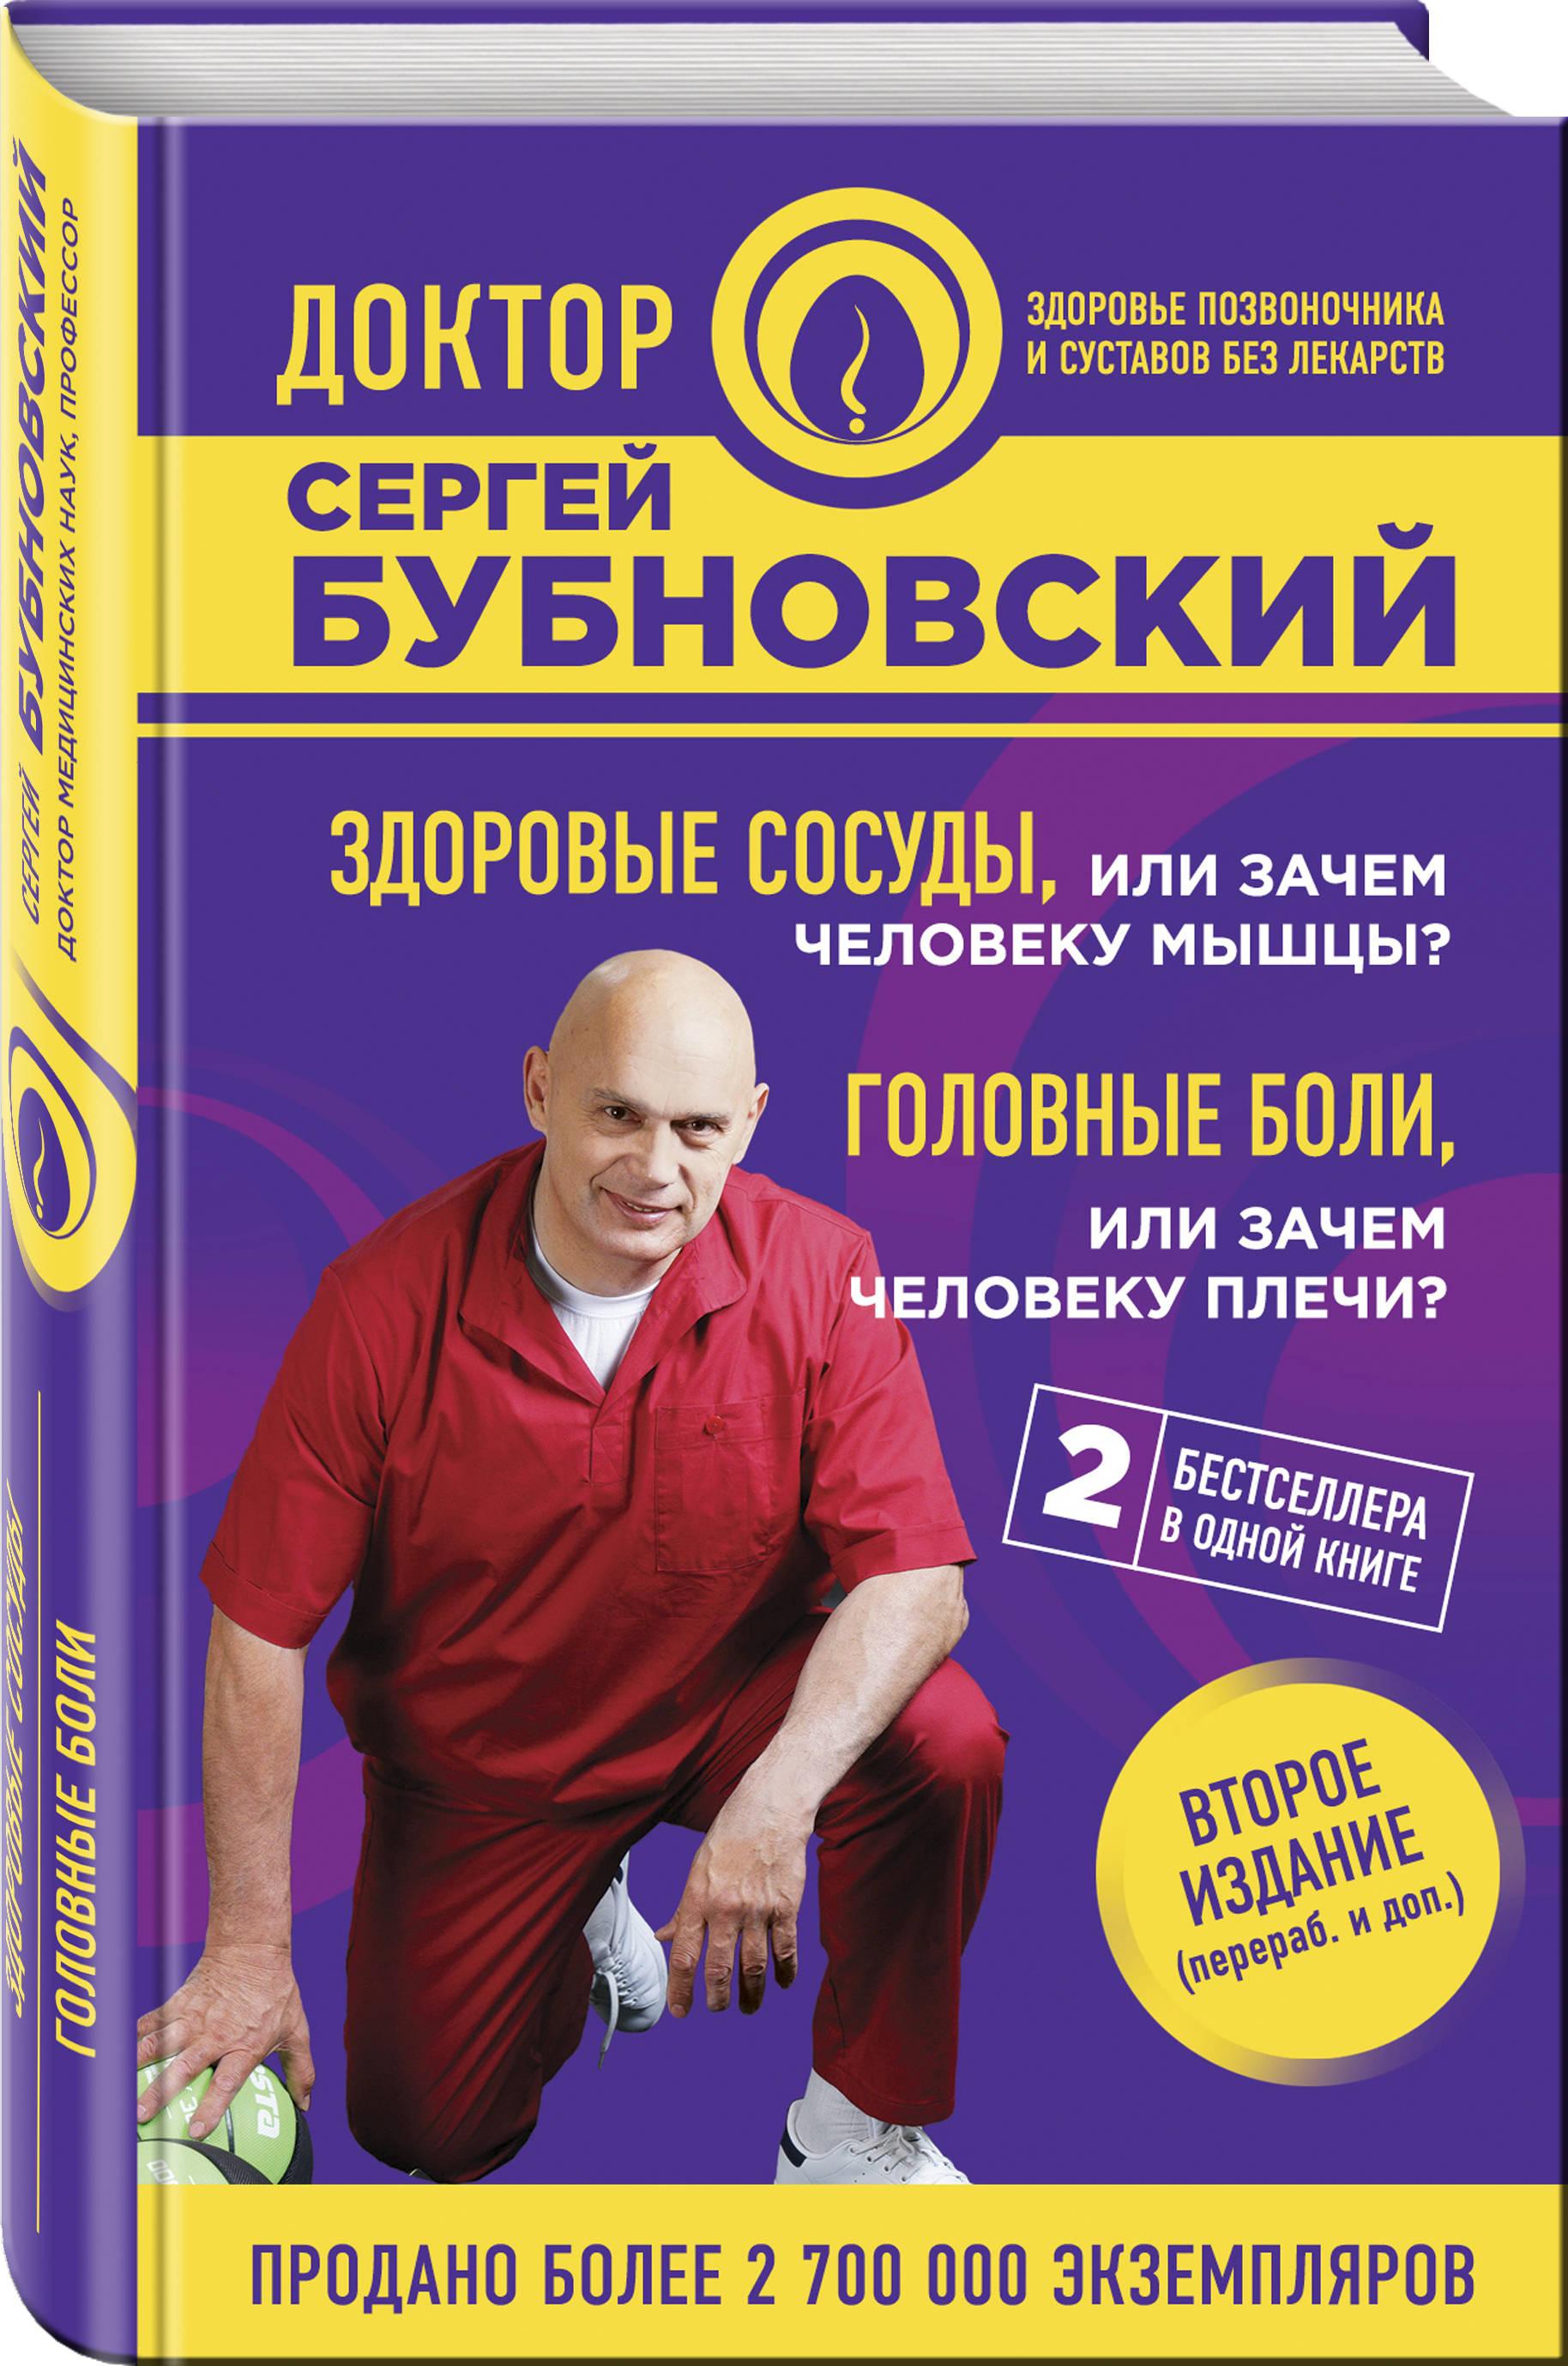 Сергей Бубновский Здоровые сосуды, или Зачем человеку мышцы? Головные боли, или Зачем человеку плечи? 2-е издание